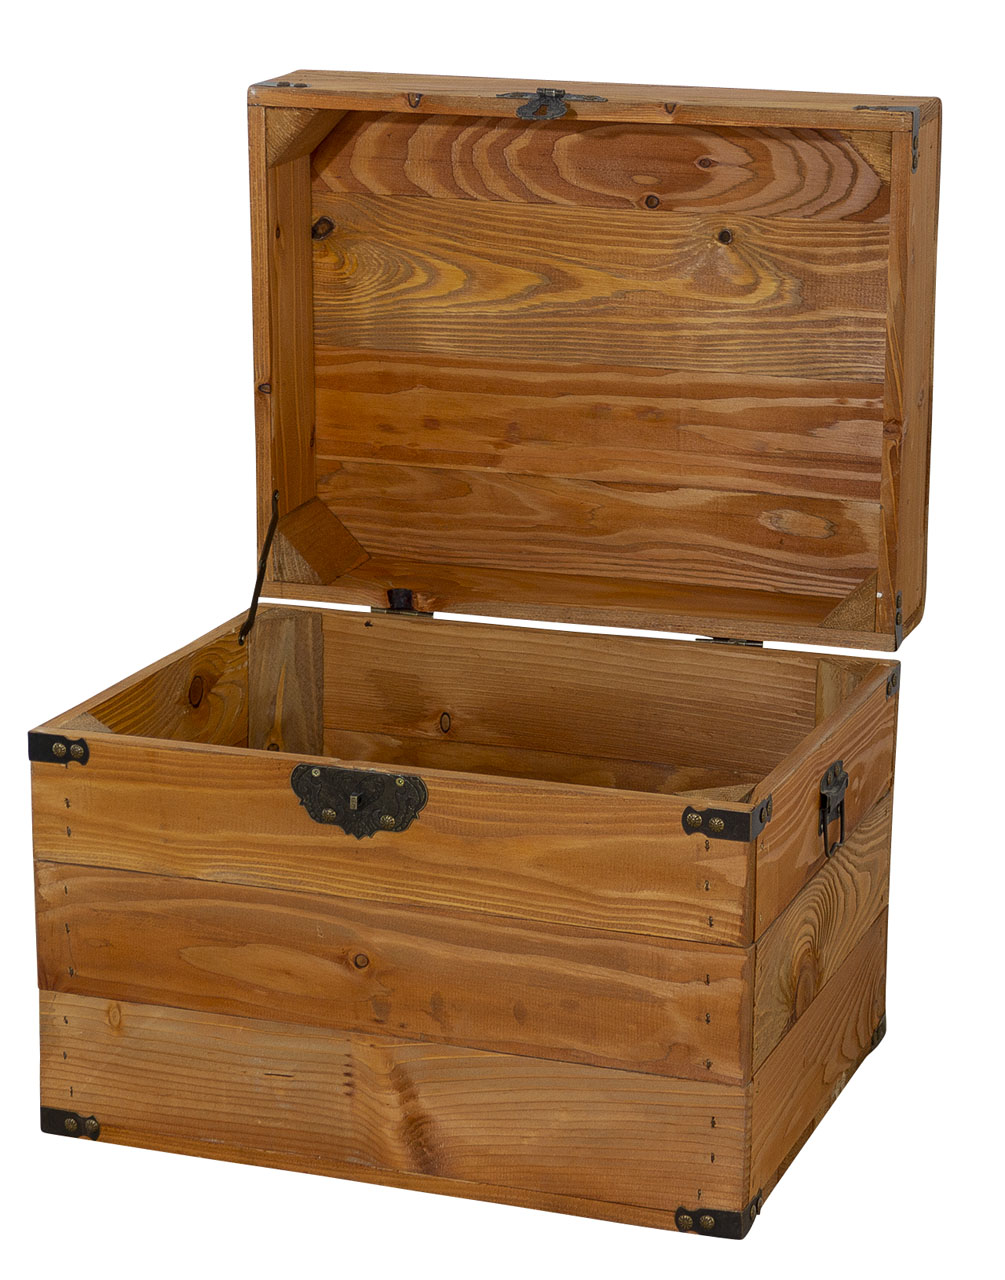 Kleine Holzkiste mit Deckel im schönen Braunton 45x35x35xcm